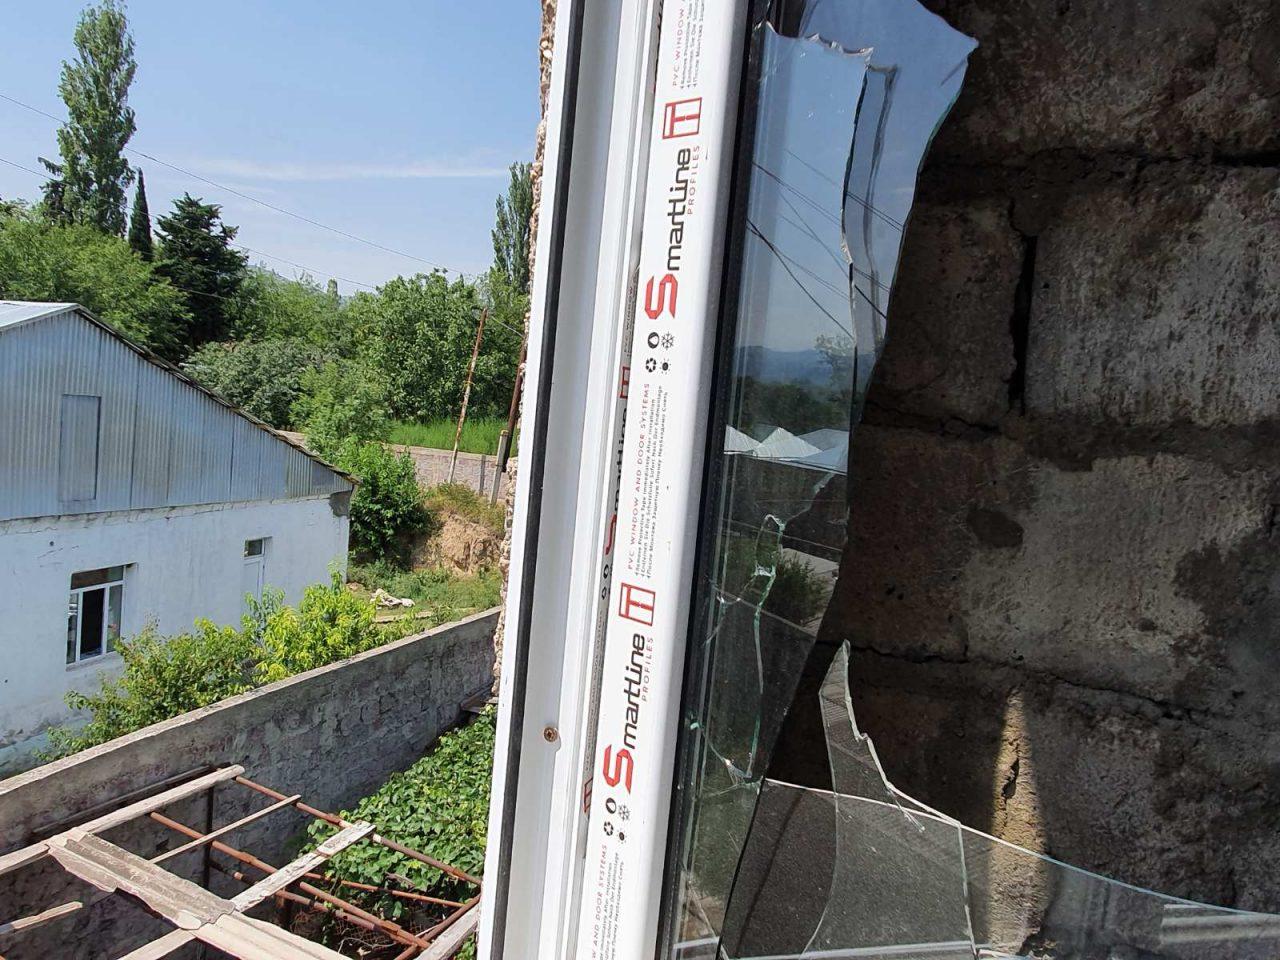 Վիվա-ՄՏՍ. Այգեպարում վերսկսվել է կիսակառույց տան շինարարությունը